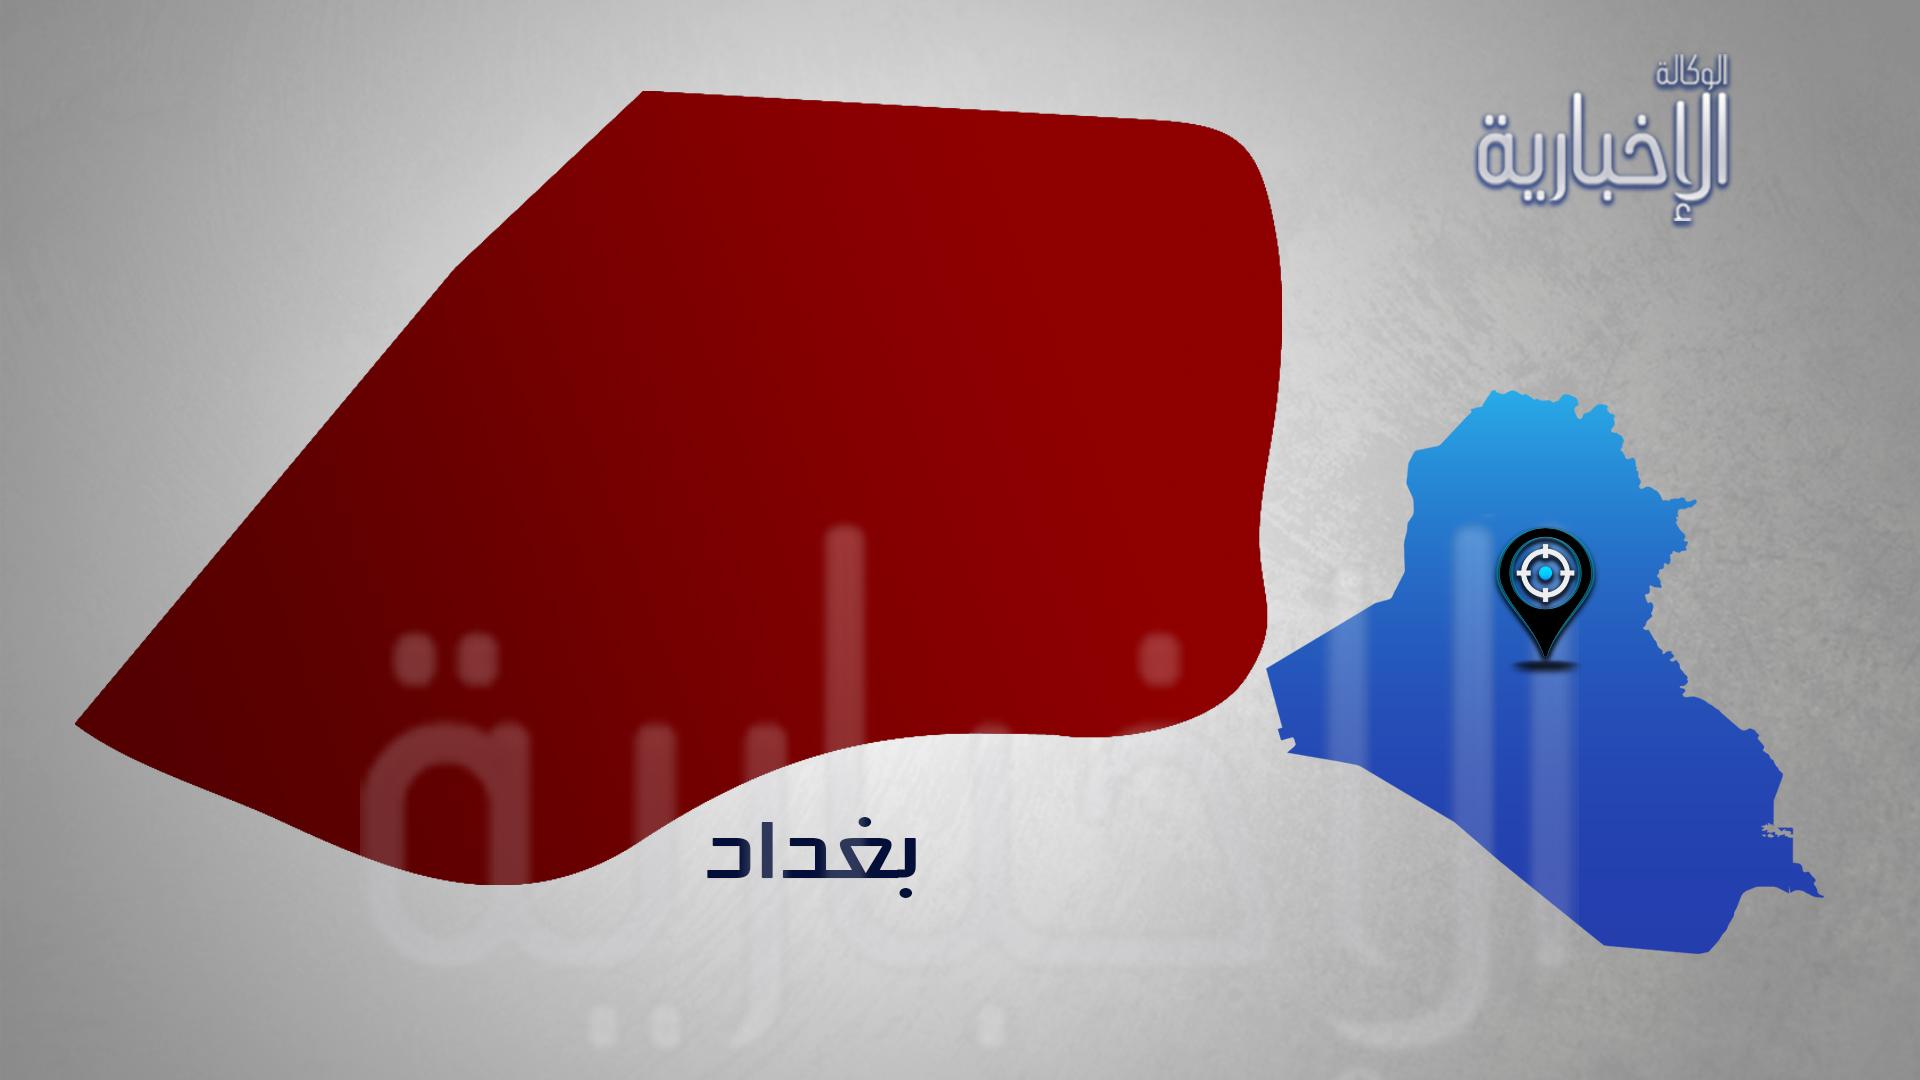 حصيلة اليوم .. استشهاد متظاهر و27 مصابا في بغداد مع استمرار قطع سريع محمد القاسم